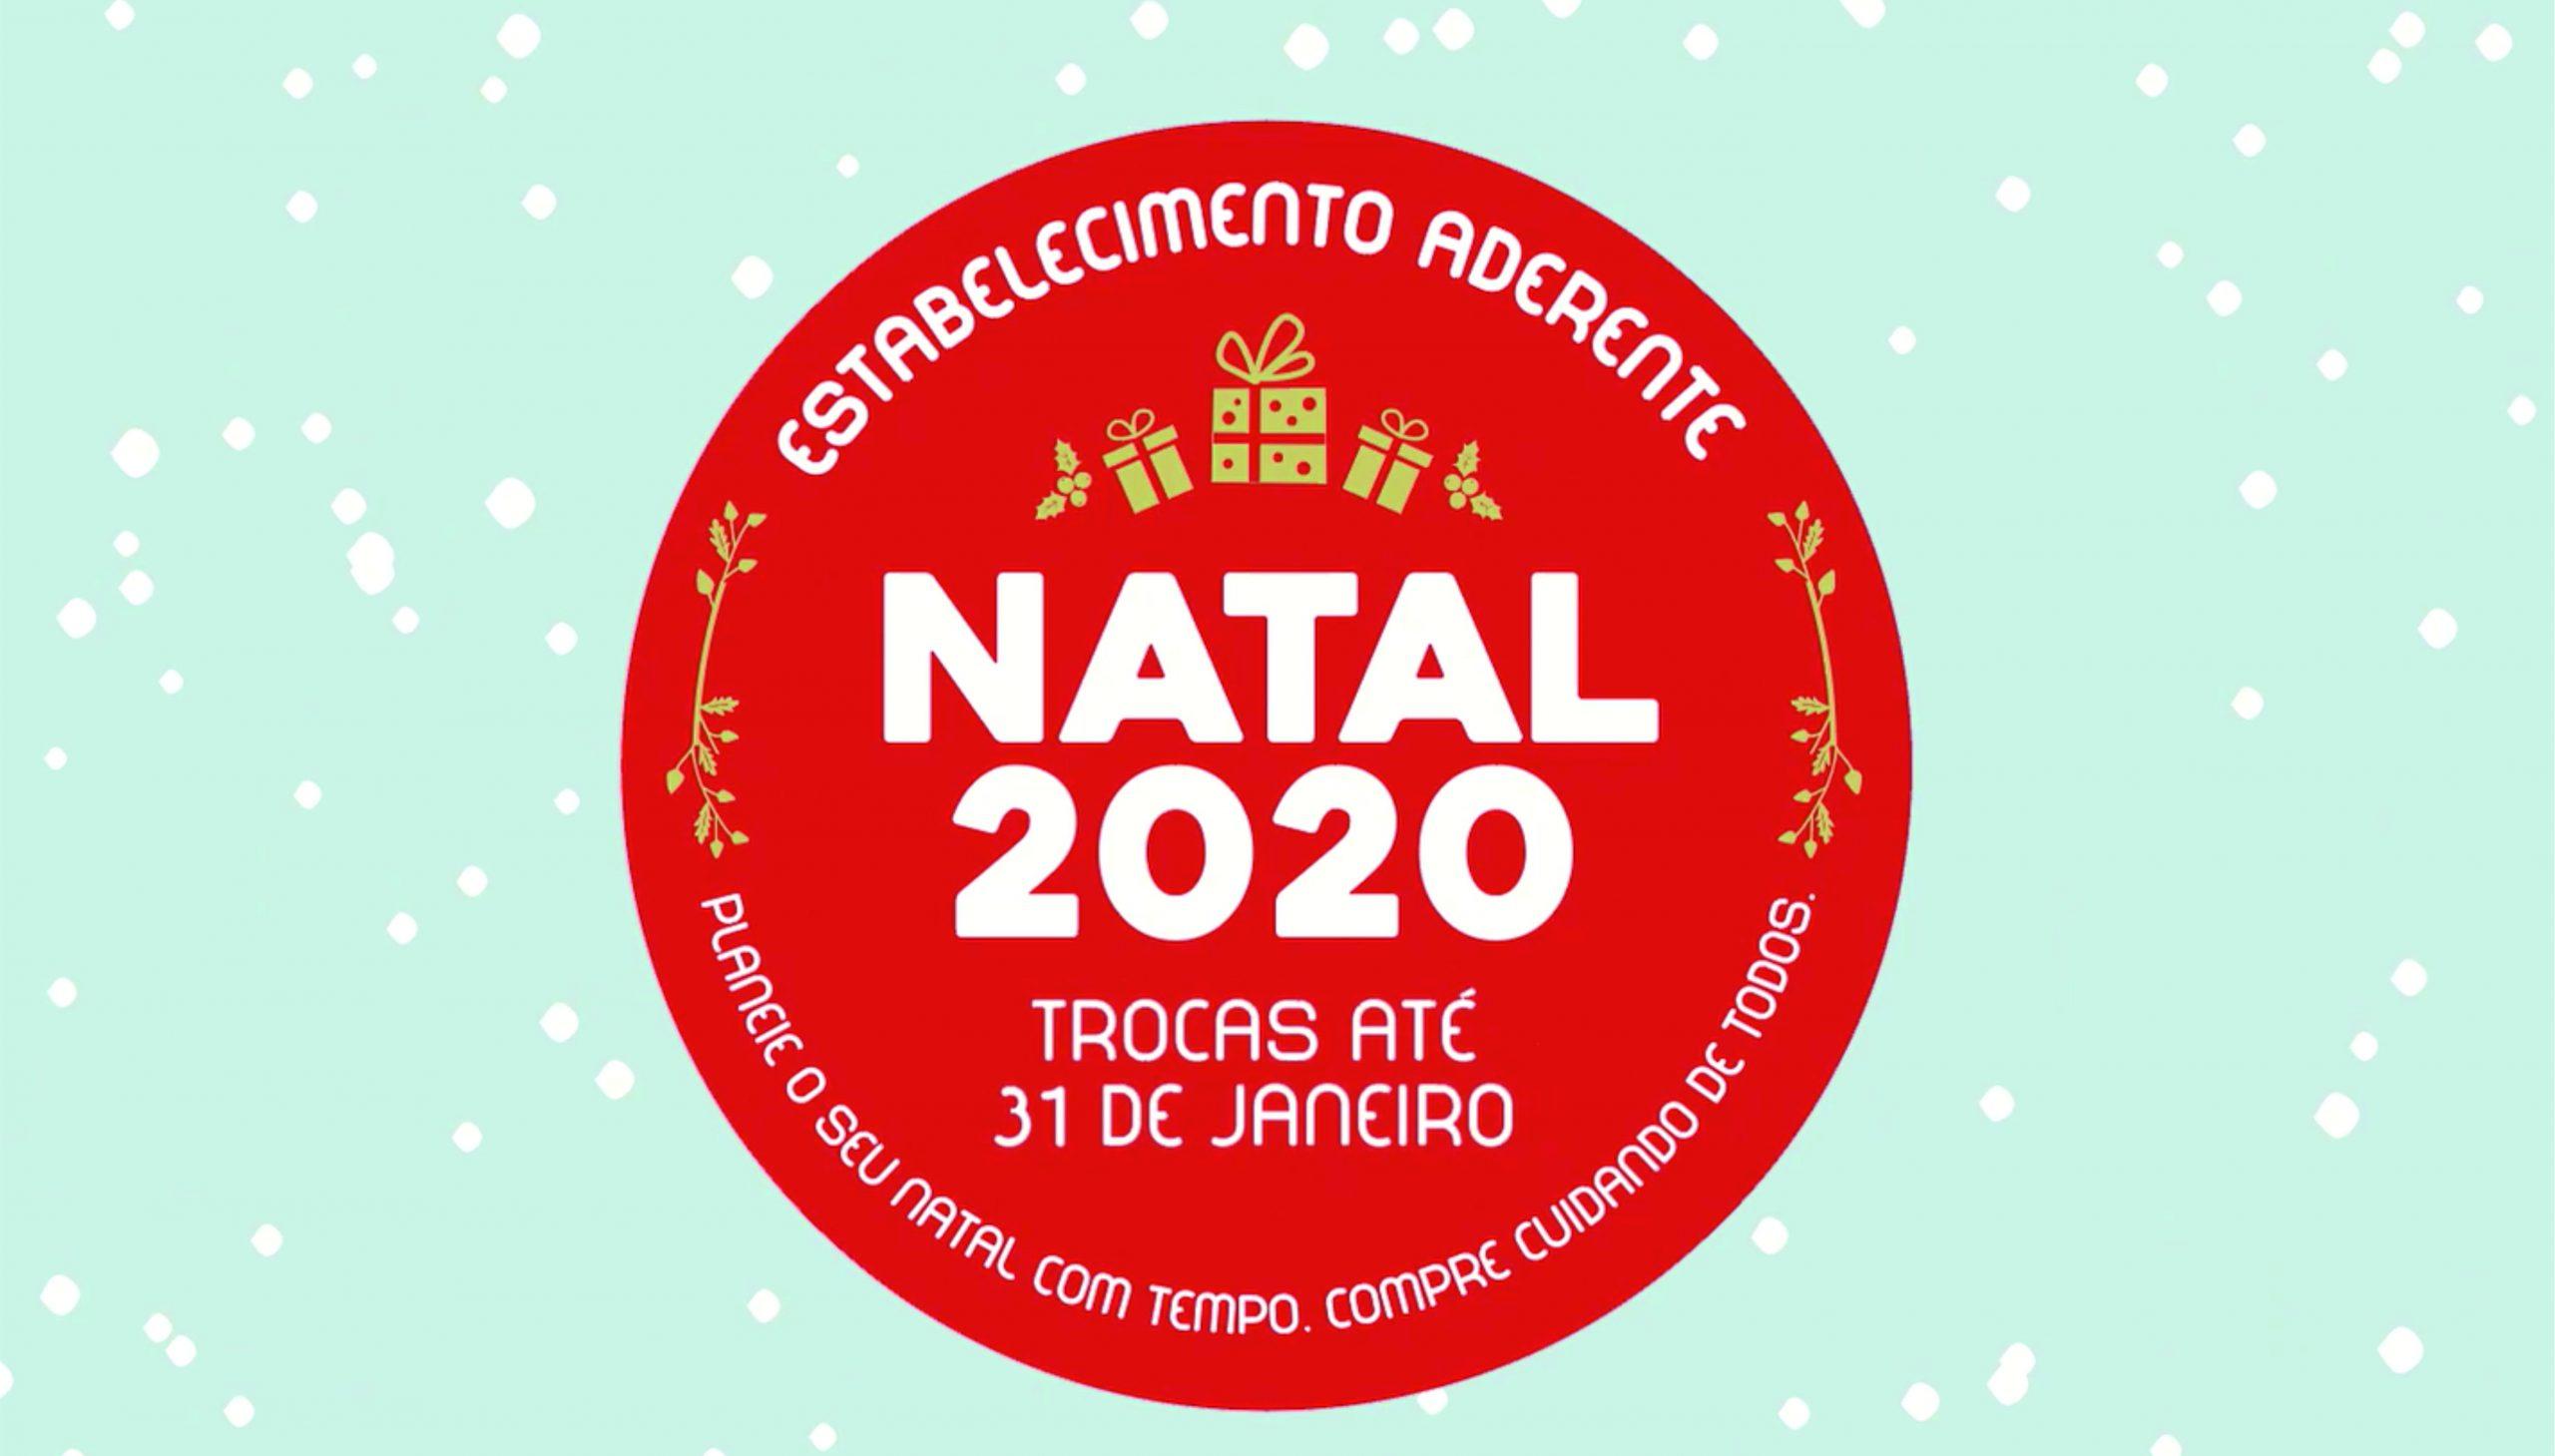 Natal 2020 – Compre Cuidando de Todos